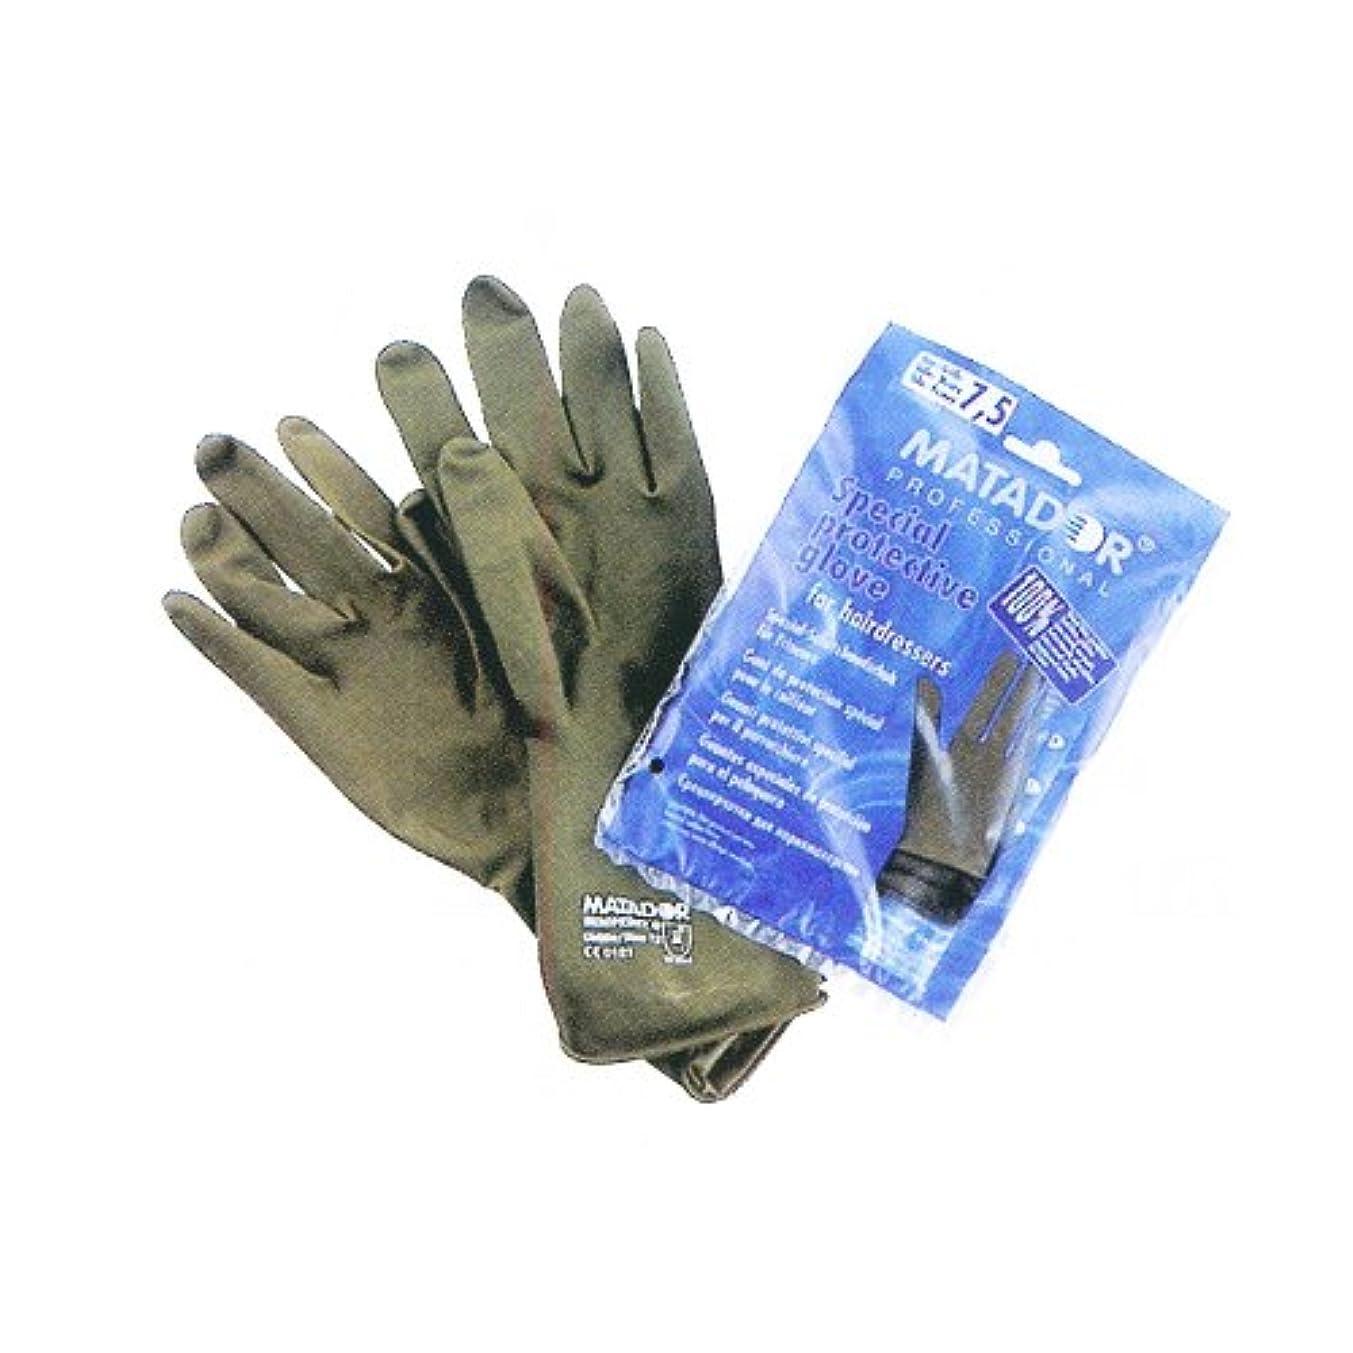 マタドールゴム手袋 6.5吋